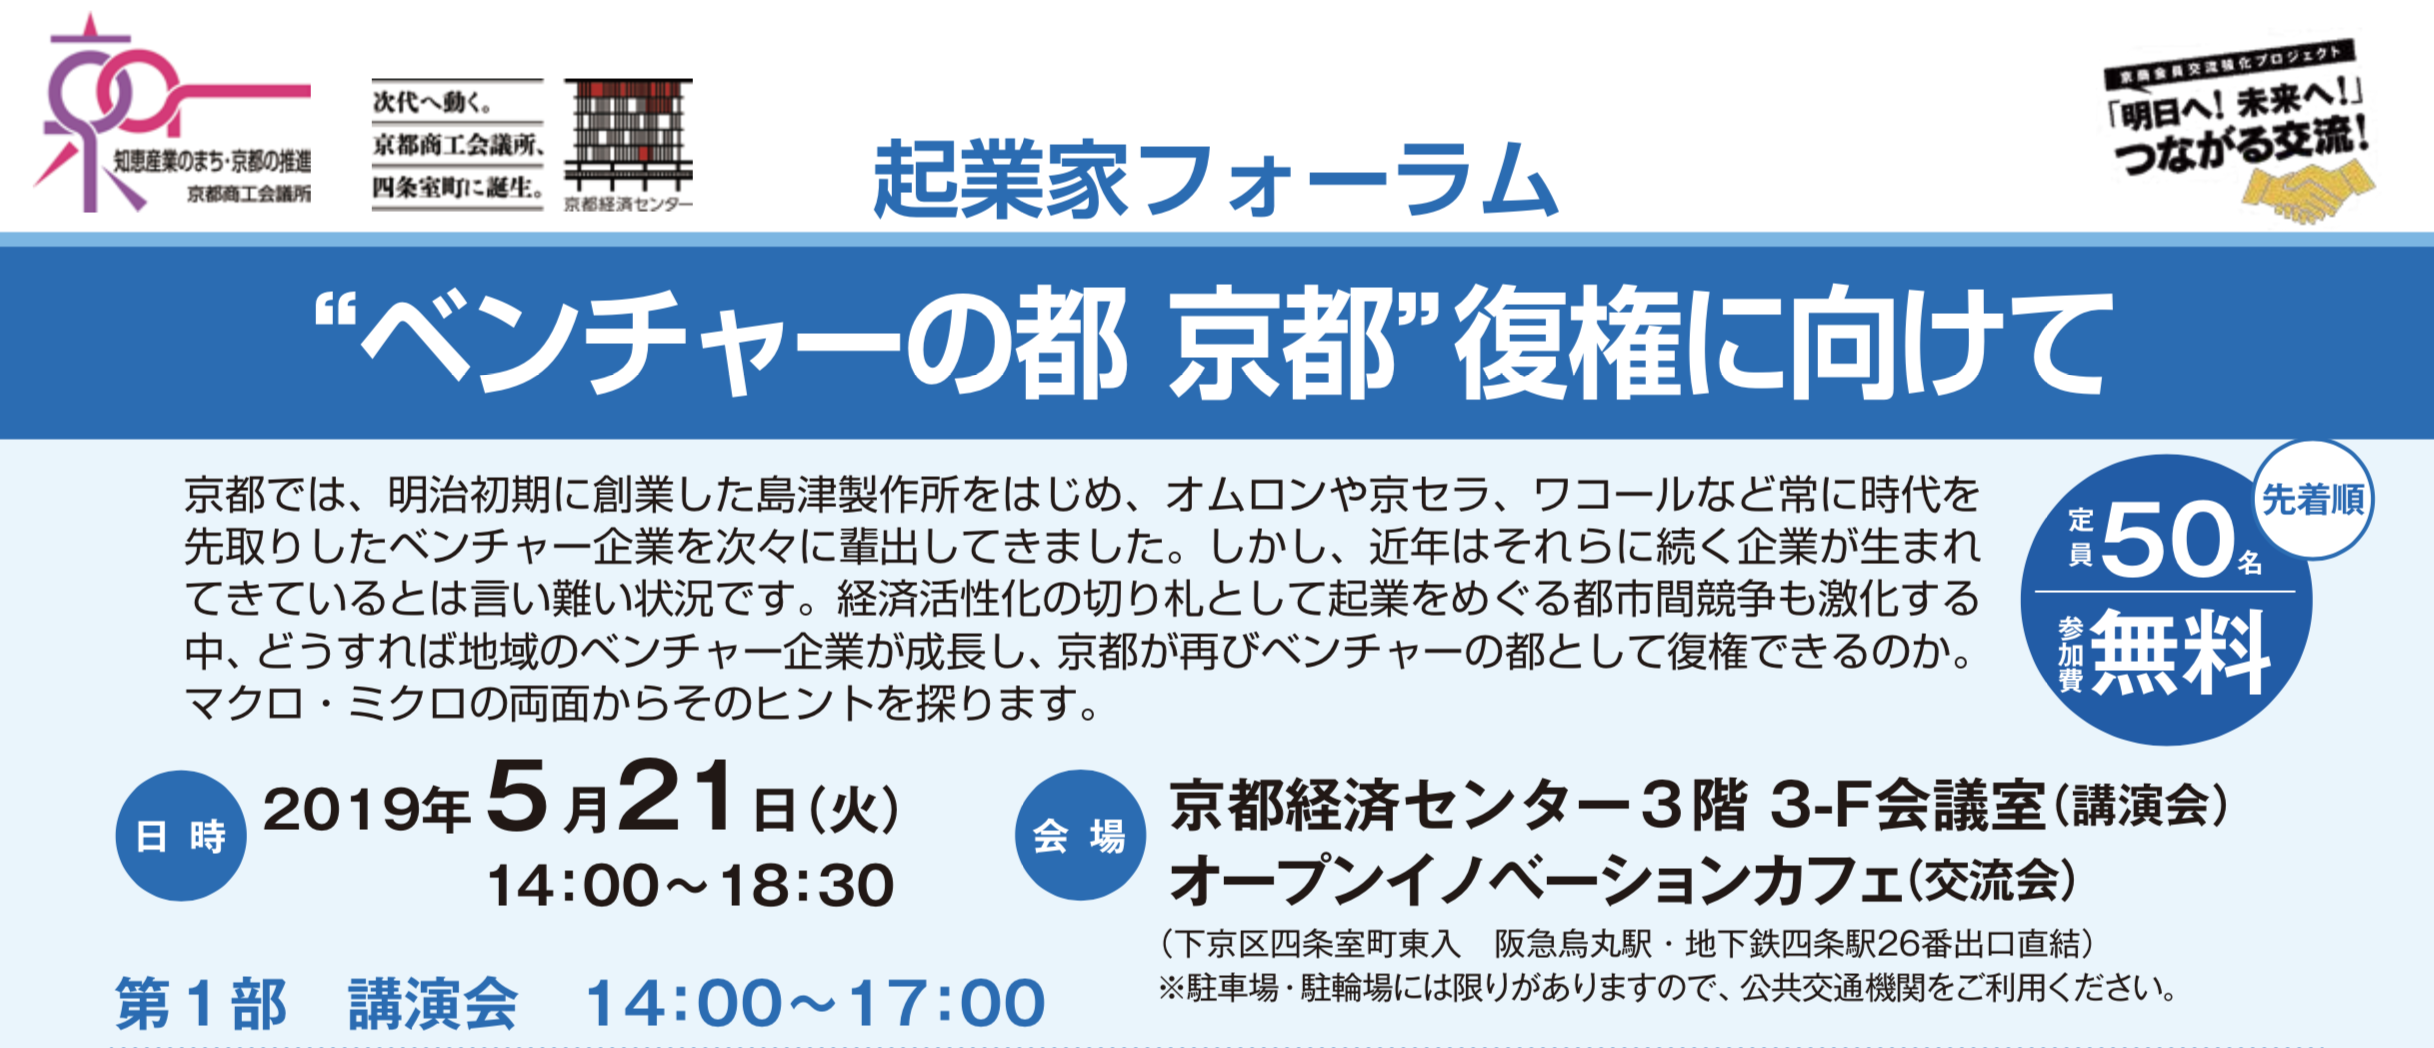 """起業家フォーラム「""""ベンチャーの都 京都"""" 復権に向けて」京都経済センターの役割と期待"""